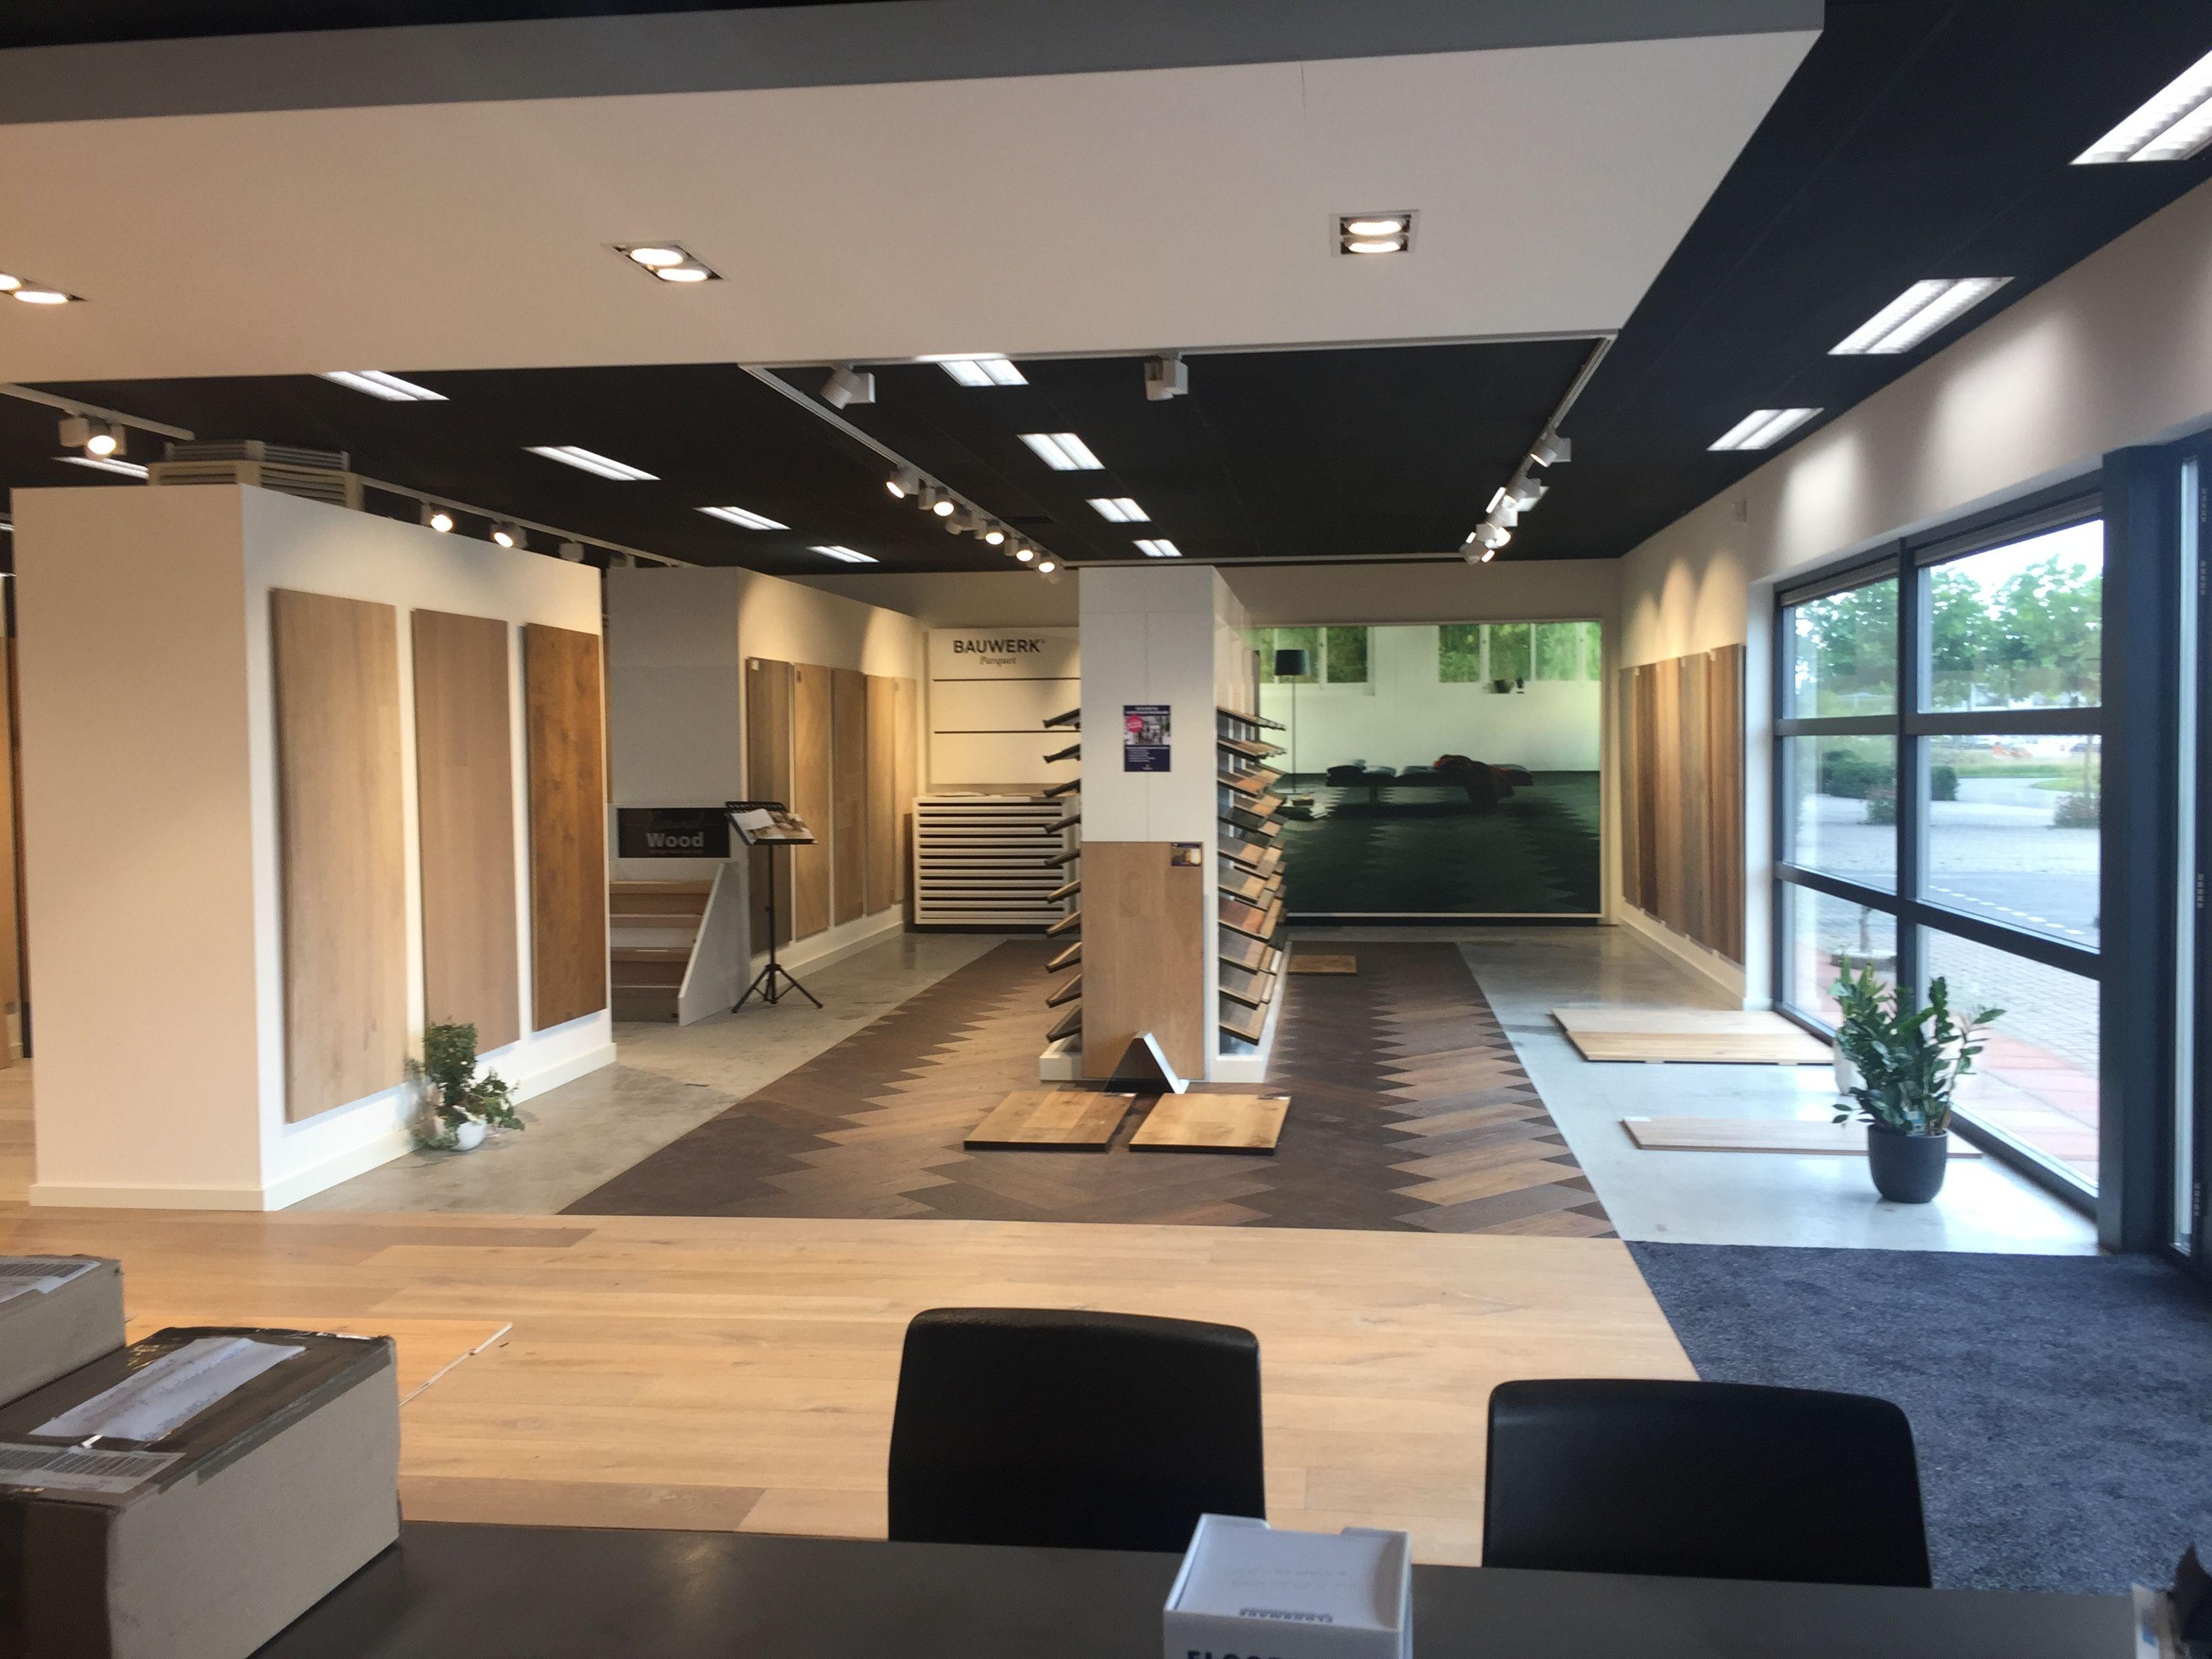 Info@frieslandparket.nl showroom showroom parket vloer